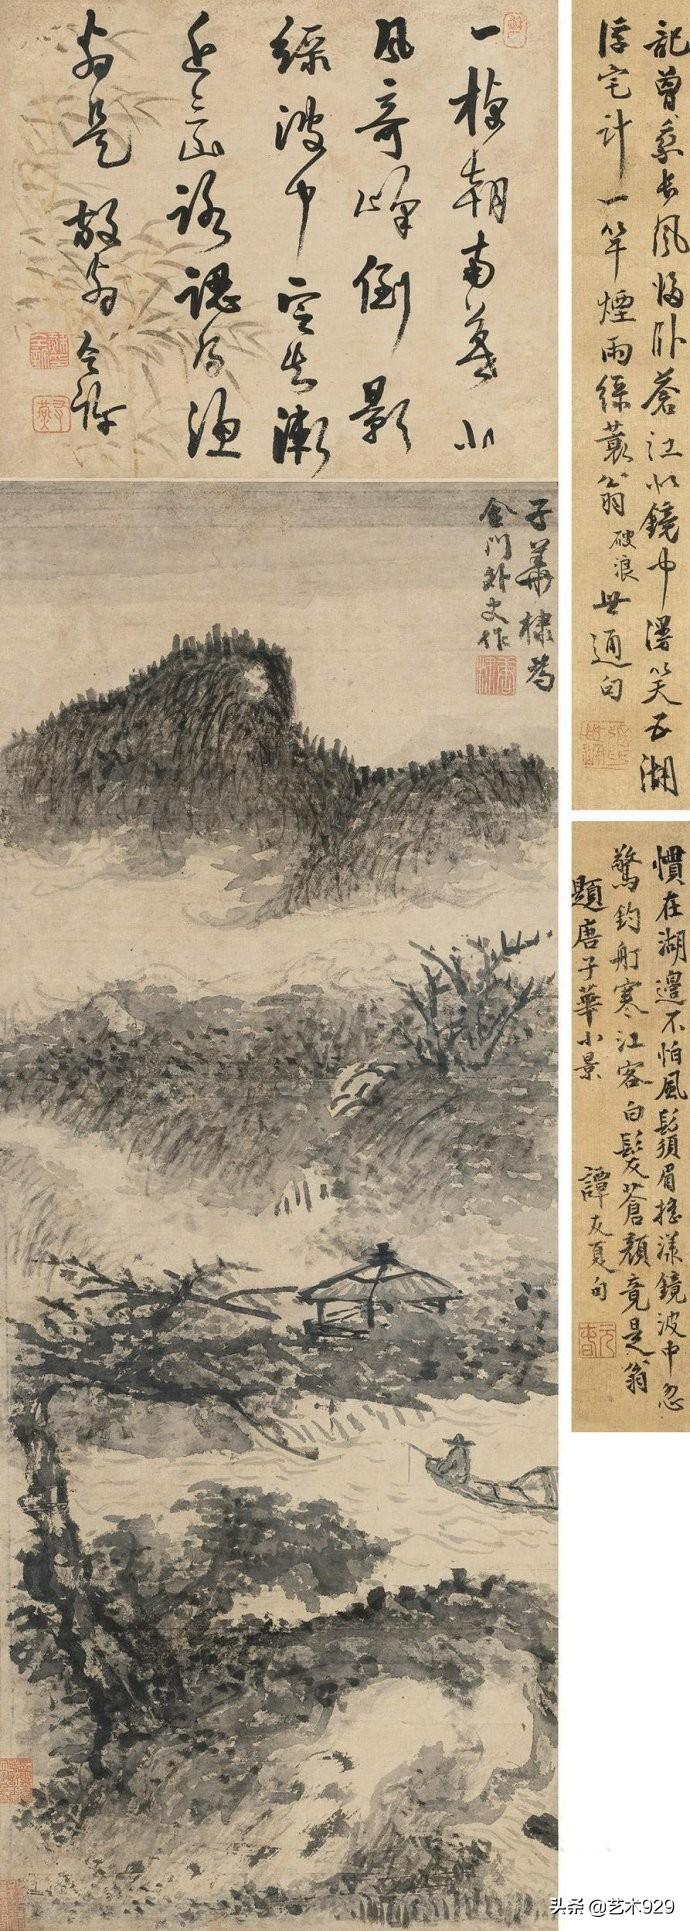 元代画家唐棣山水画赏析